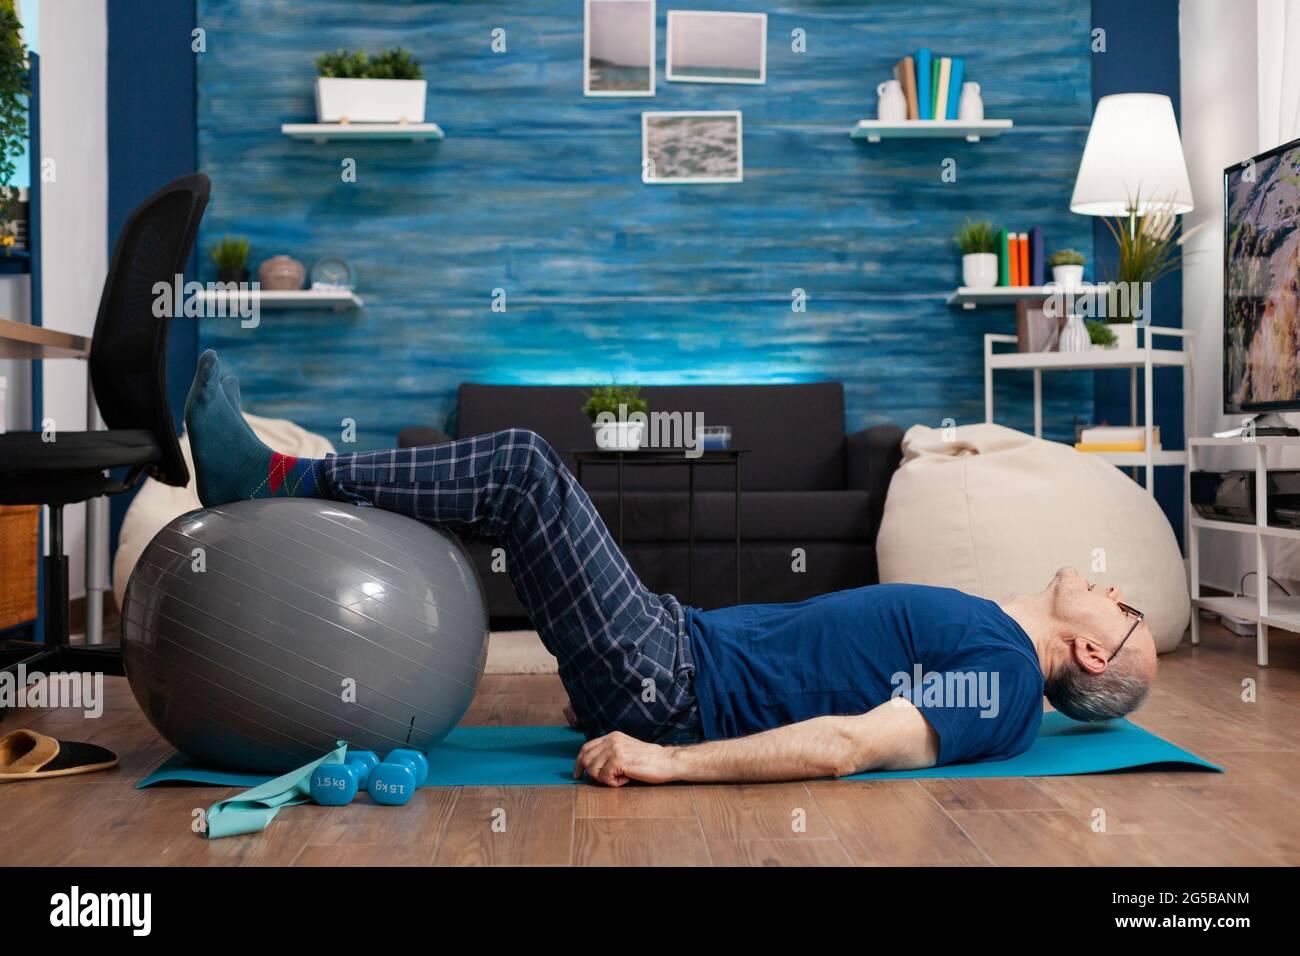 Deportista jubilado de edad sentado en una colchoneta de yoga practicando ejercicios de calentamiento de piernas usando una pelota suiza que estira los músculos abdominales. Entrenamiento de pensionistas centrado resistencia corporal en el salón Foto de stock